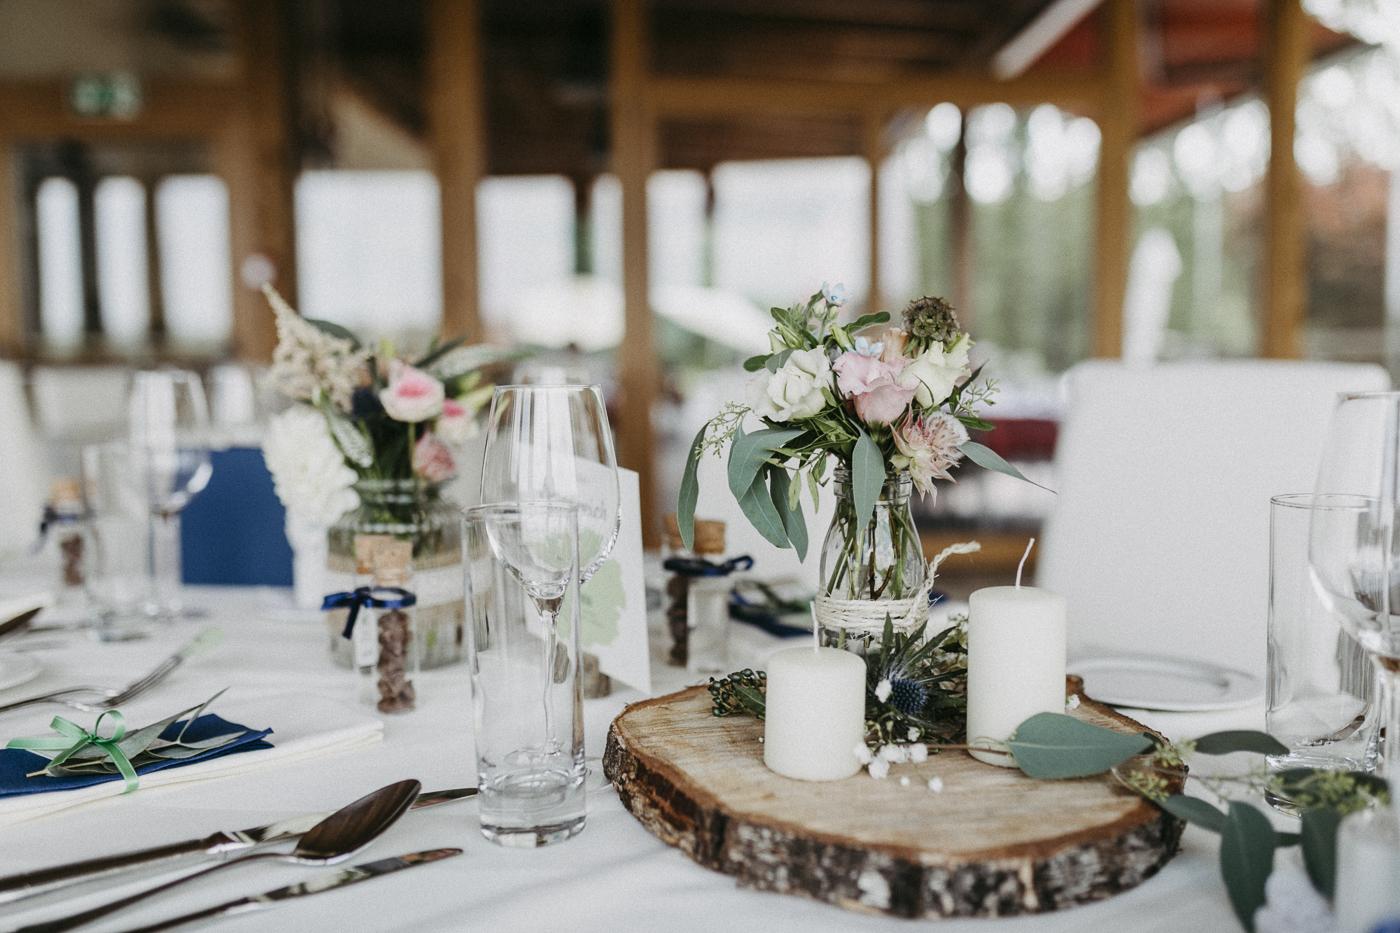 rosemarrylemon_ND_Hochzeit_Tischdeko4.jpg